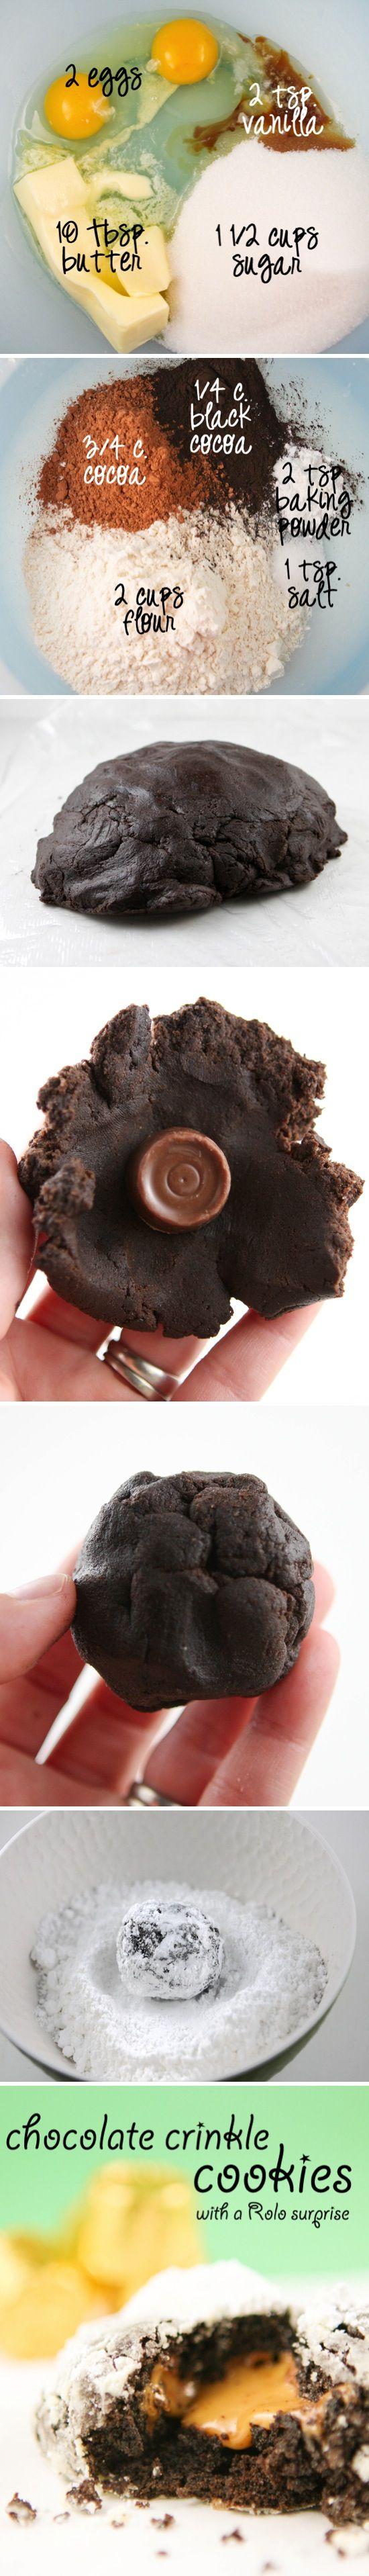 Chocolate Crinkle Rolo Cookies Desserts, Sweets, Crinkle Cookies ...